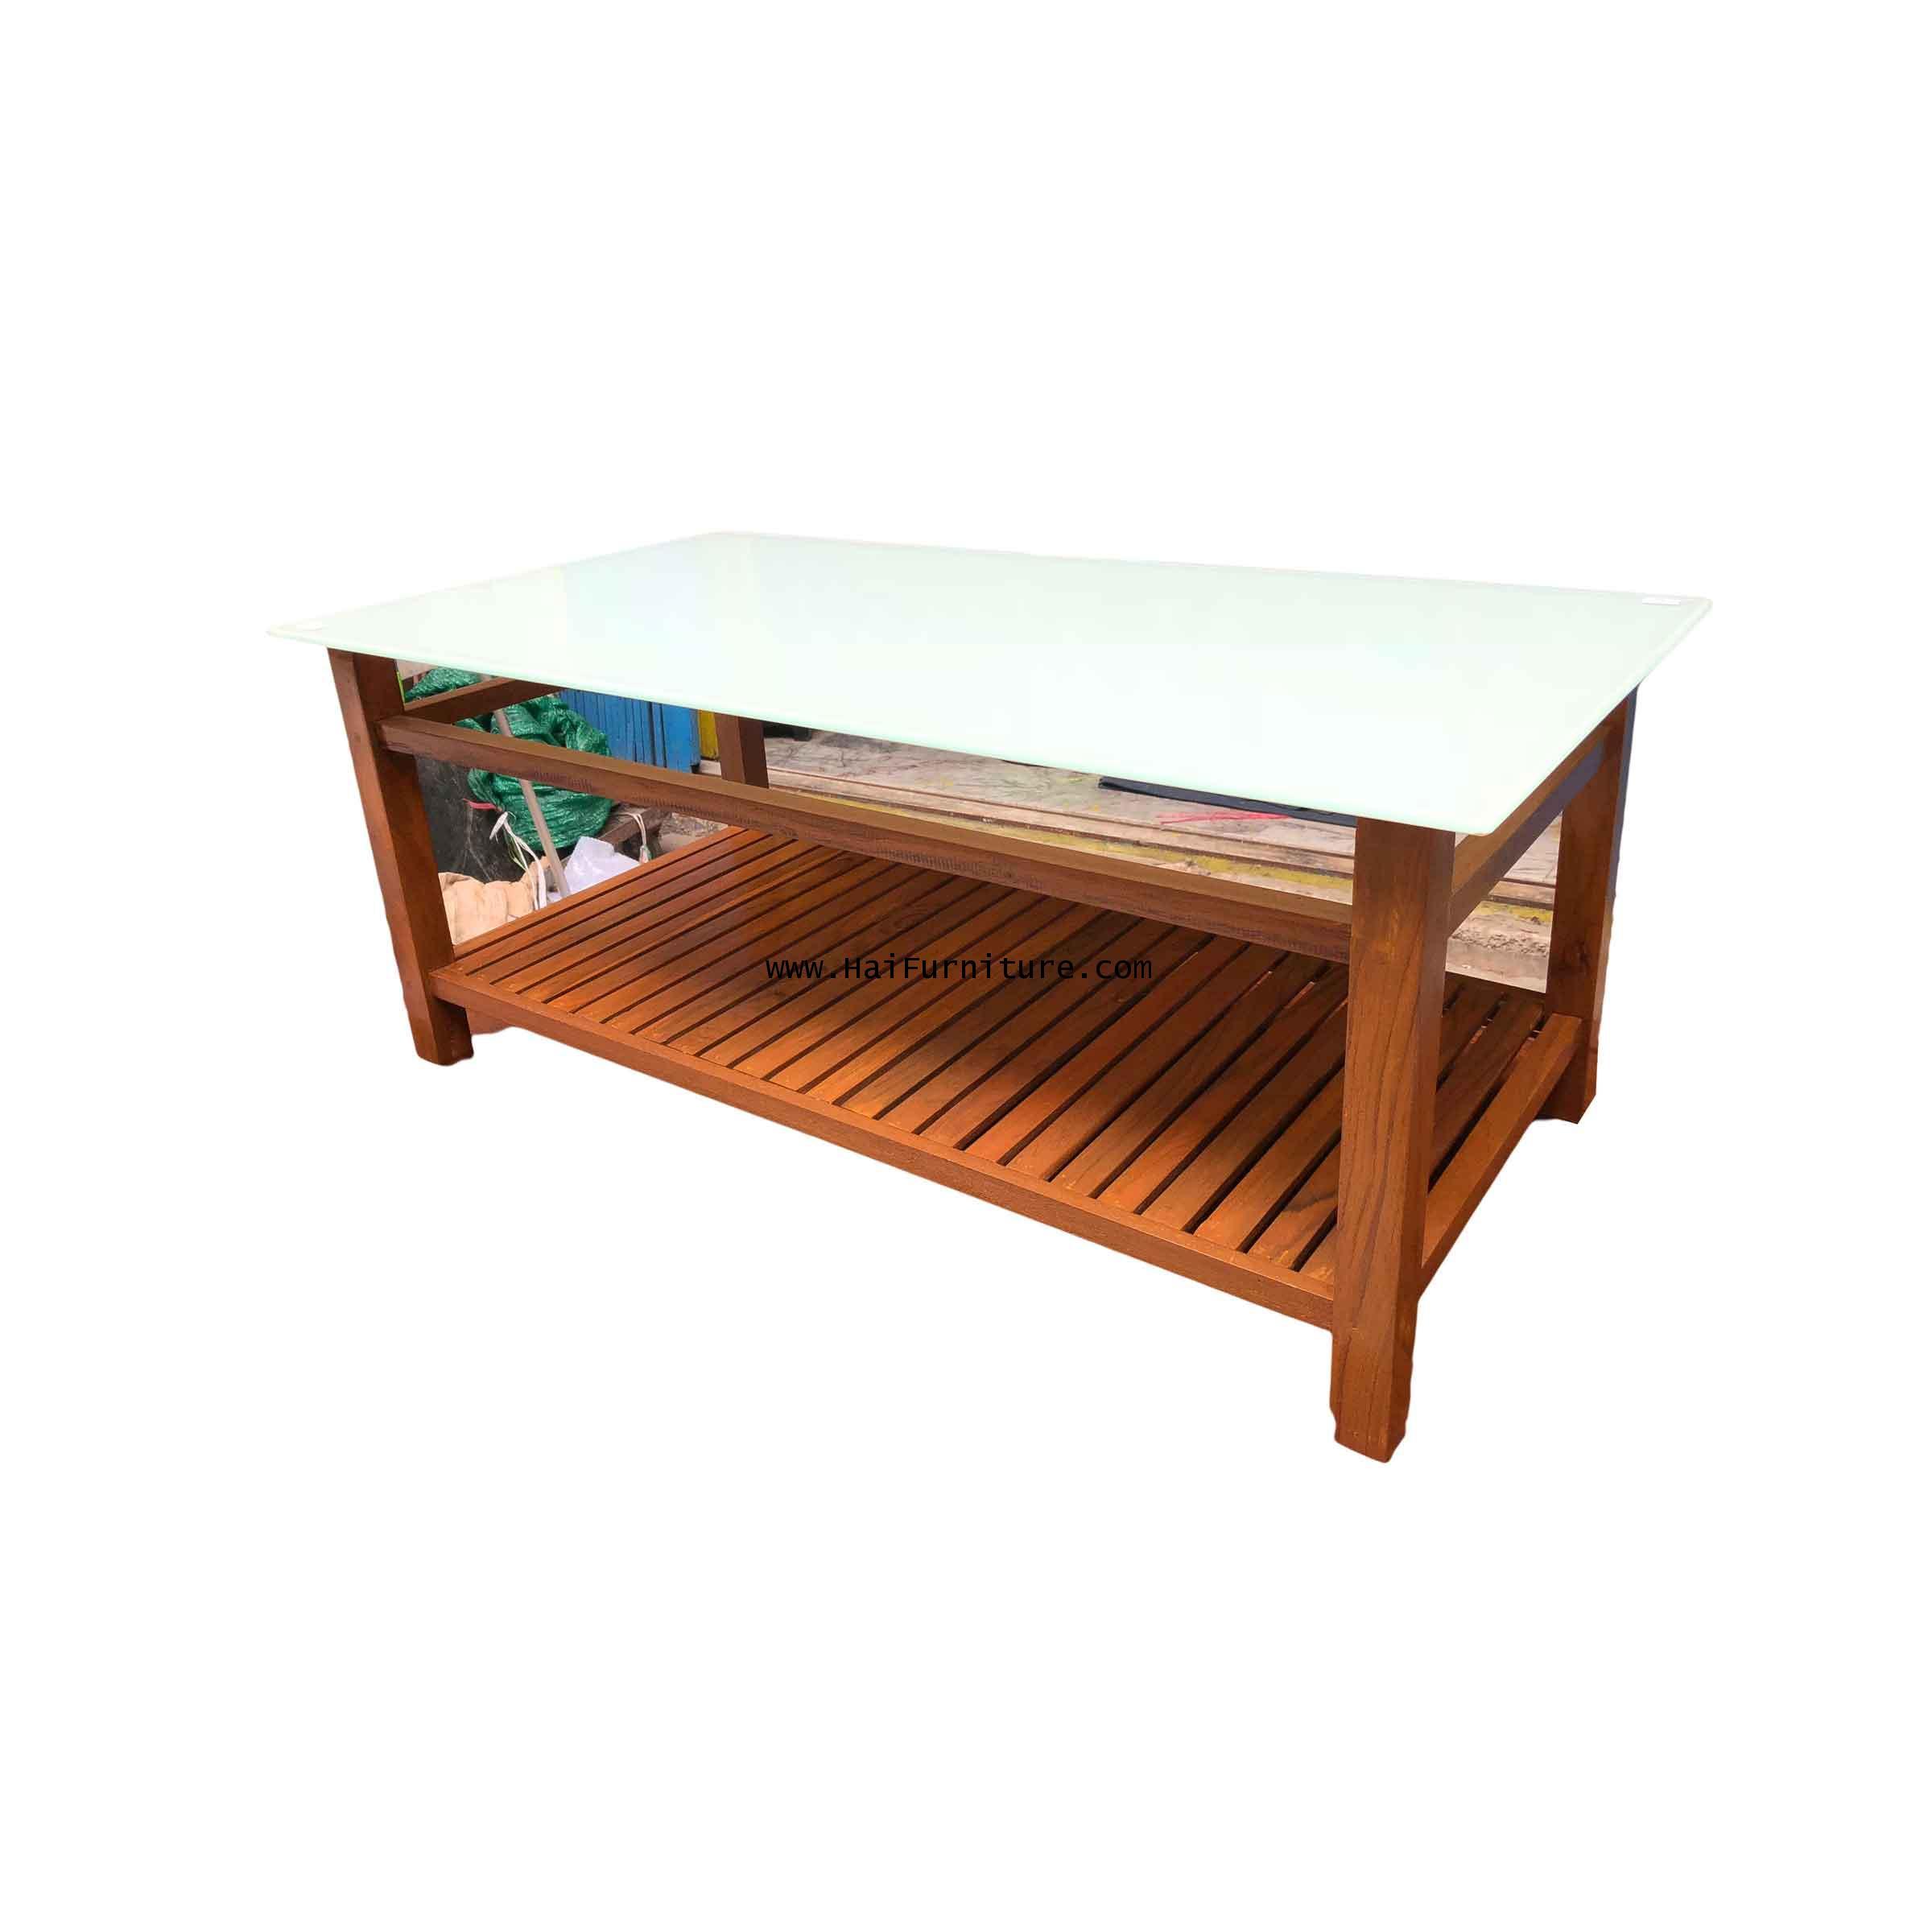 PLEEX COFFEE TABLE 99*51.5*40 CM 1